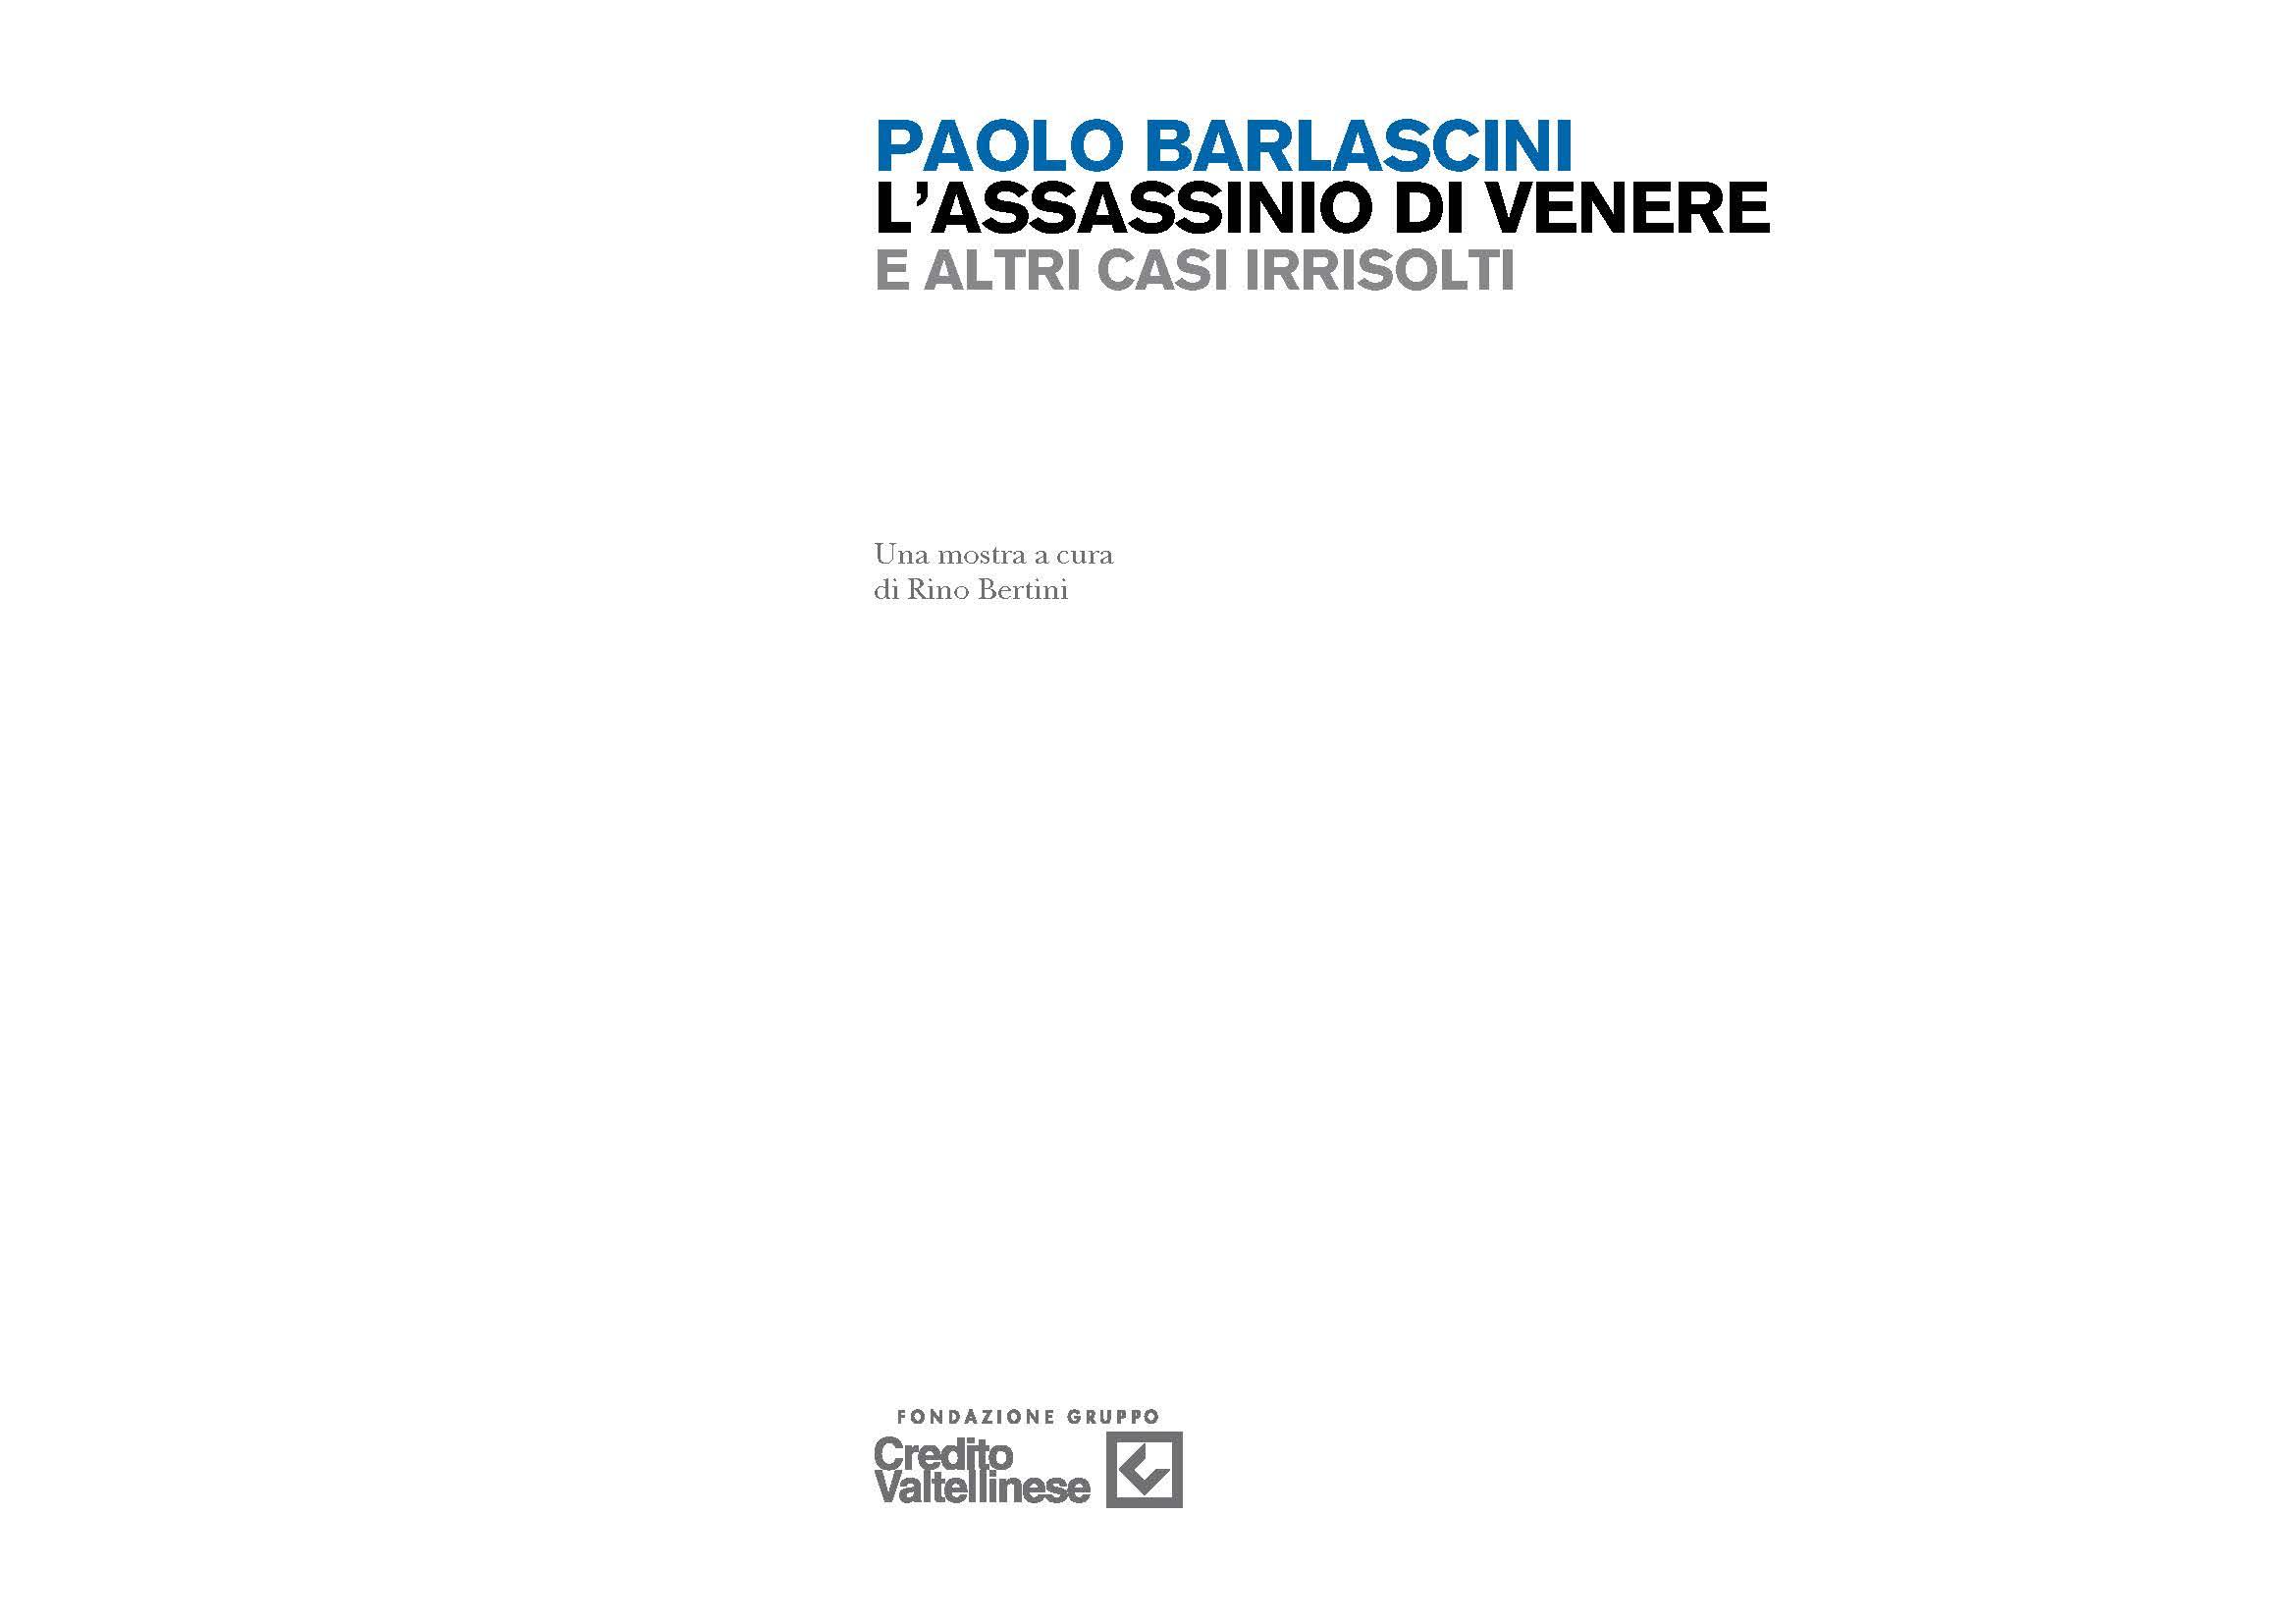 PB08-Assassinio_Page_05.jpg